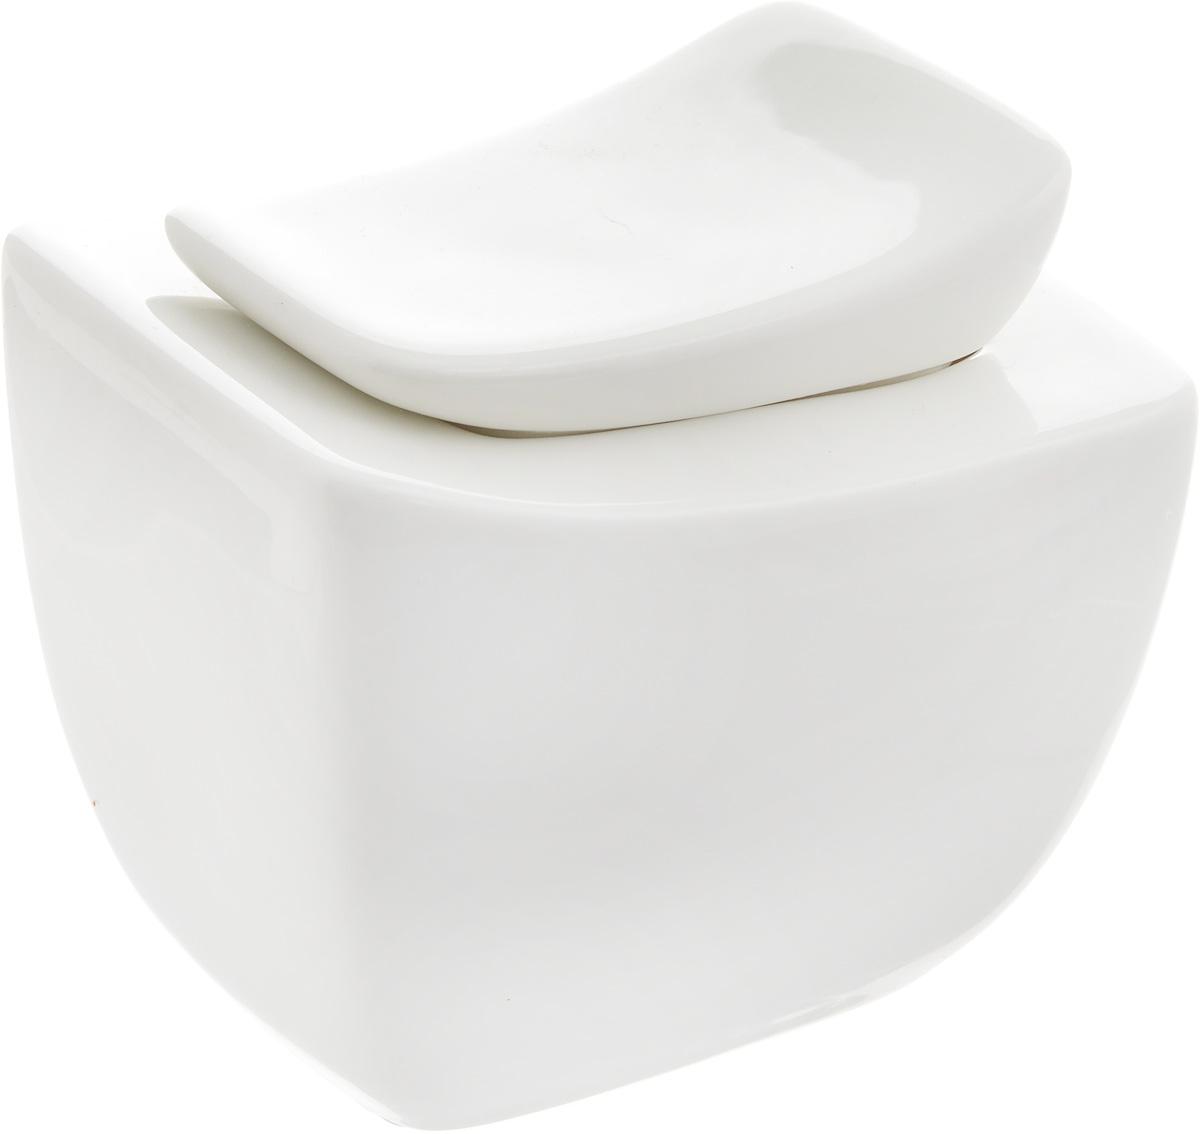 Сахарница Ariane Rectangle, 270 млAVRARN66027Сахарница Ariane Rectangle выполнена из высококачественного фарфора с глазурованным покрытием. Изделие имеет элегантную форму и может использоваться в качестве креманки. Десерт, поданный в такой посуде, будет ещё более сладким. Сахарница Ariane Rectangle станет отличным дополнением к сервировке семейного стола и замечательным подарком для ваших родных и друзей. Можно мыть в посудомоечной машине и использовать в микроволновой печи.